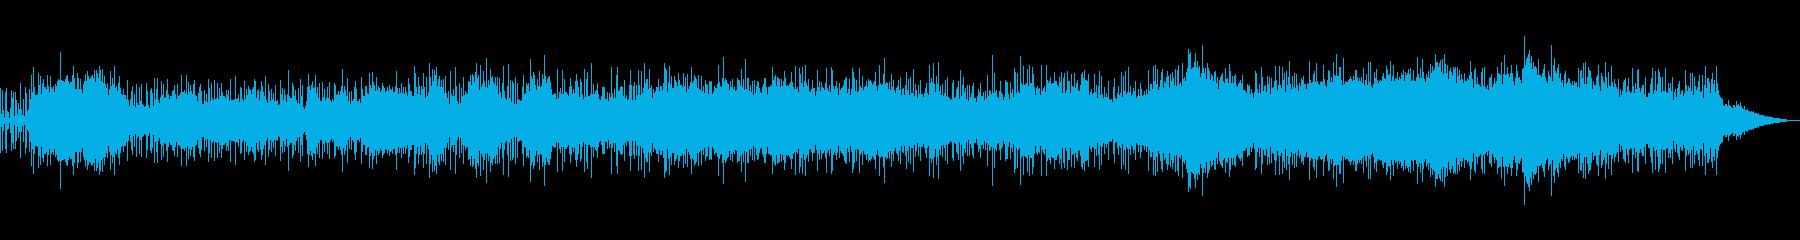 アジアンでリズミカルなアンビエントの再生済みの波形